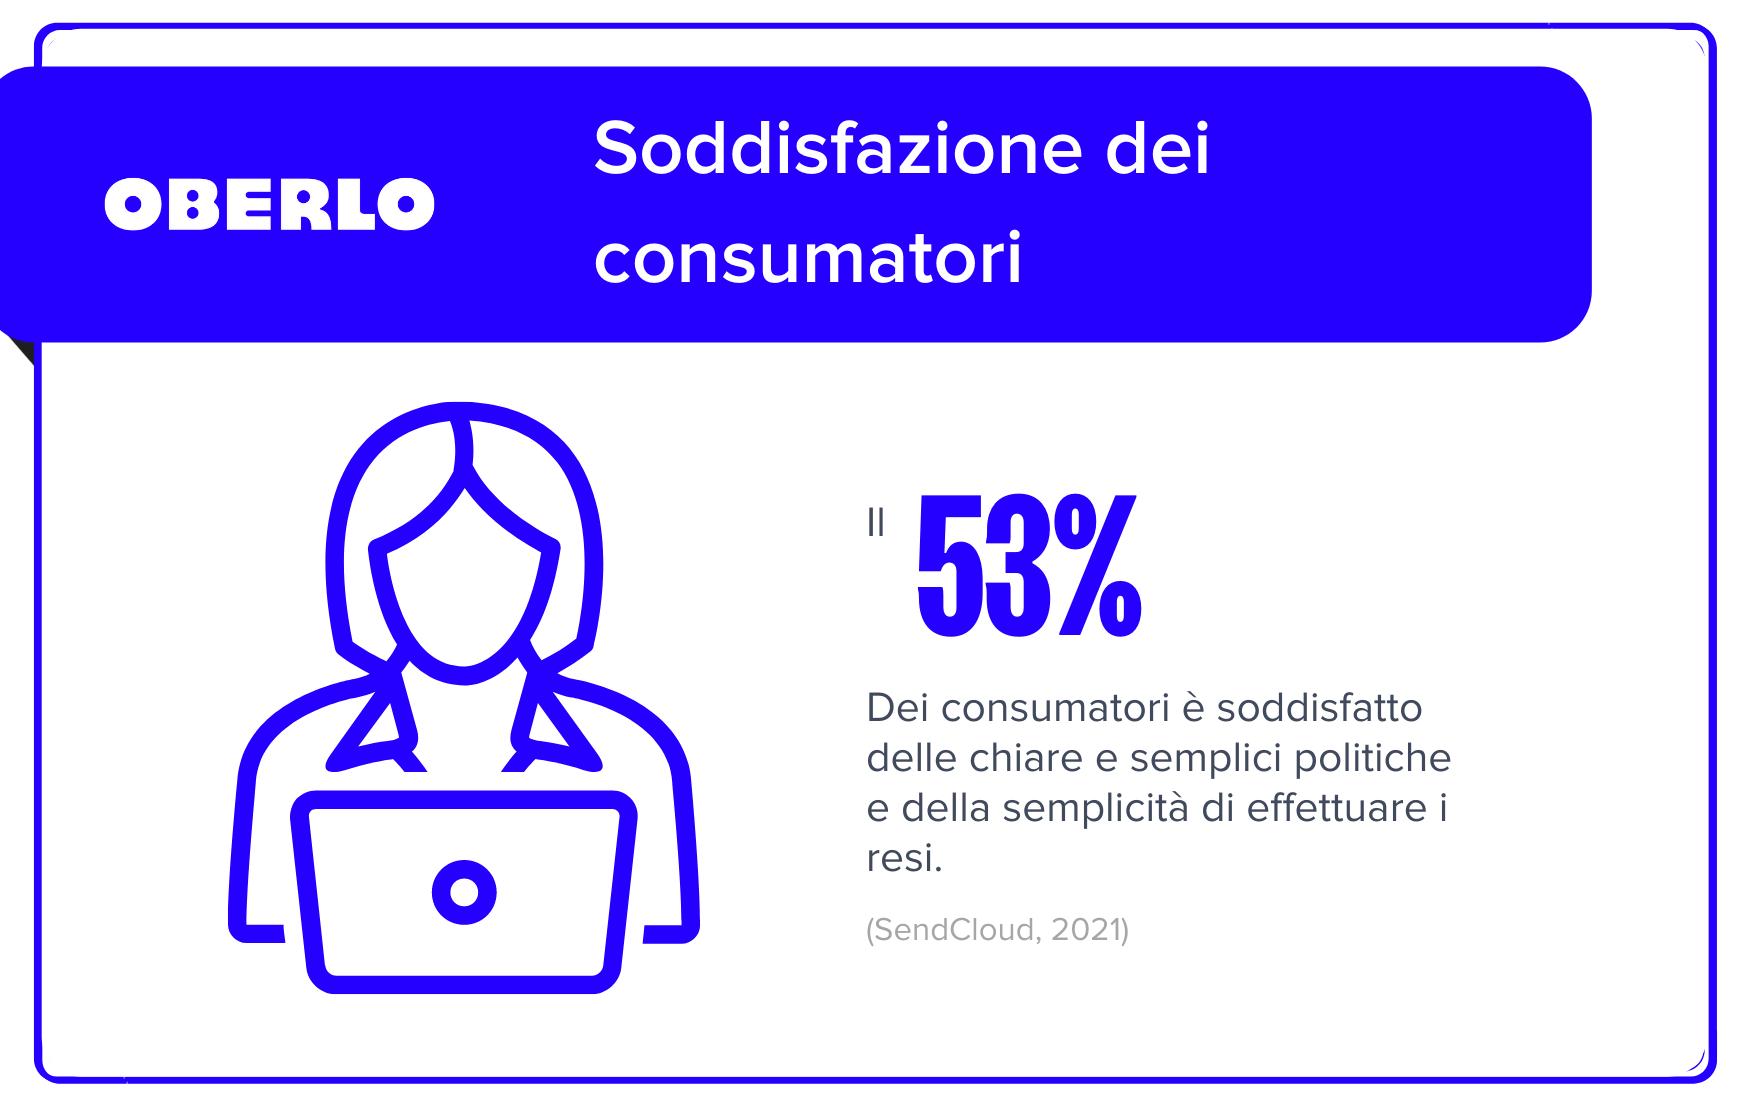 soddisfazione dei consumatori